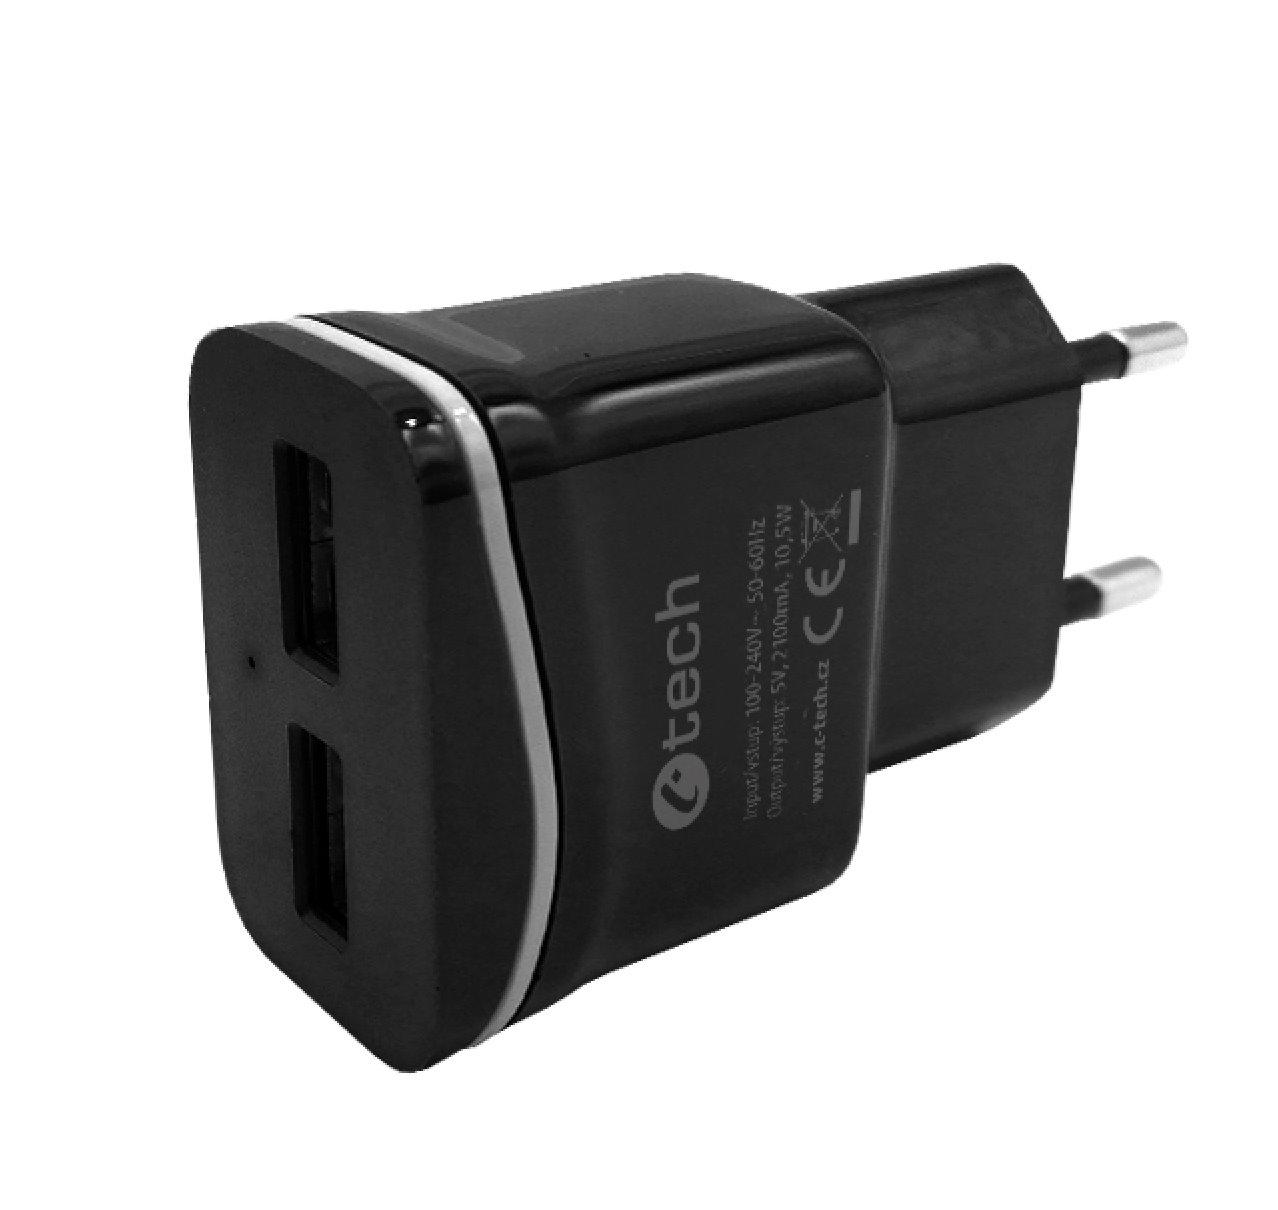 Nabíječka USB C-TECH UC-03, 2x USB, 2,1A, černá - UC-03BK